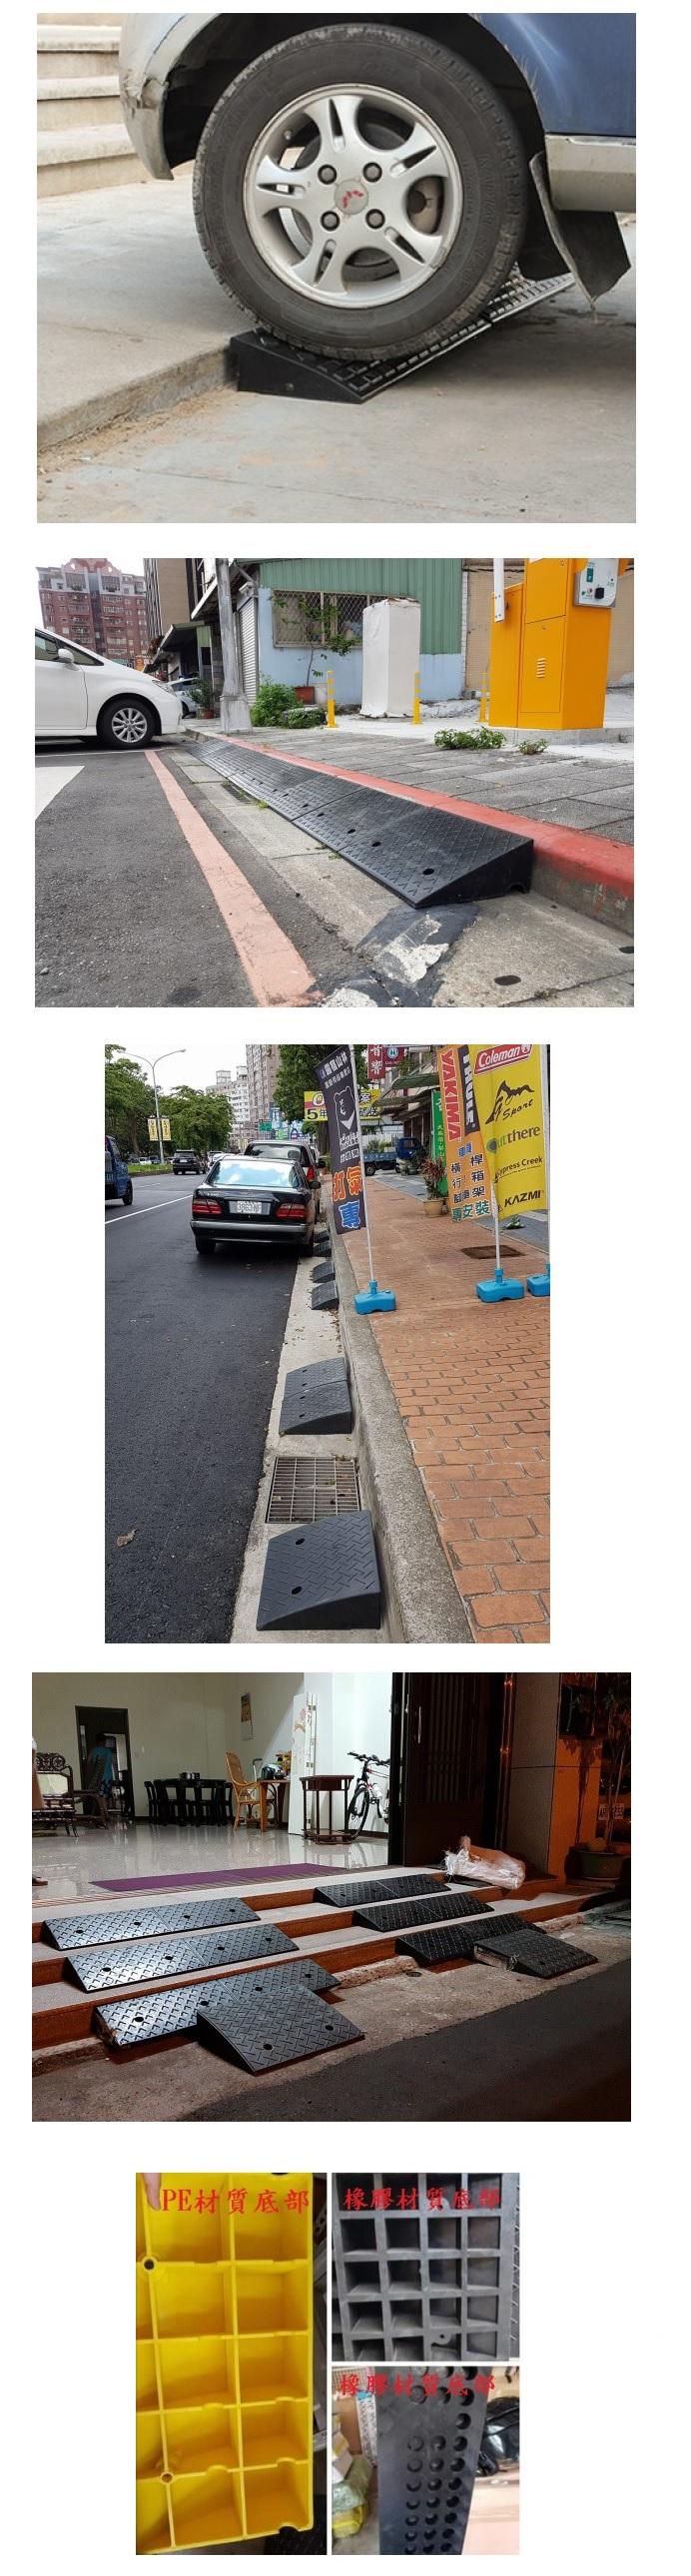 (複製)【海夫健康生活館】 模組式斜坡磚 輕型可攜帶式 塑膠製斜坡墊(高16、19公分)